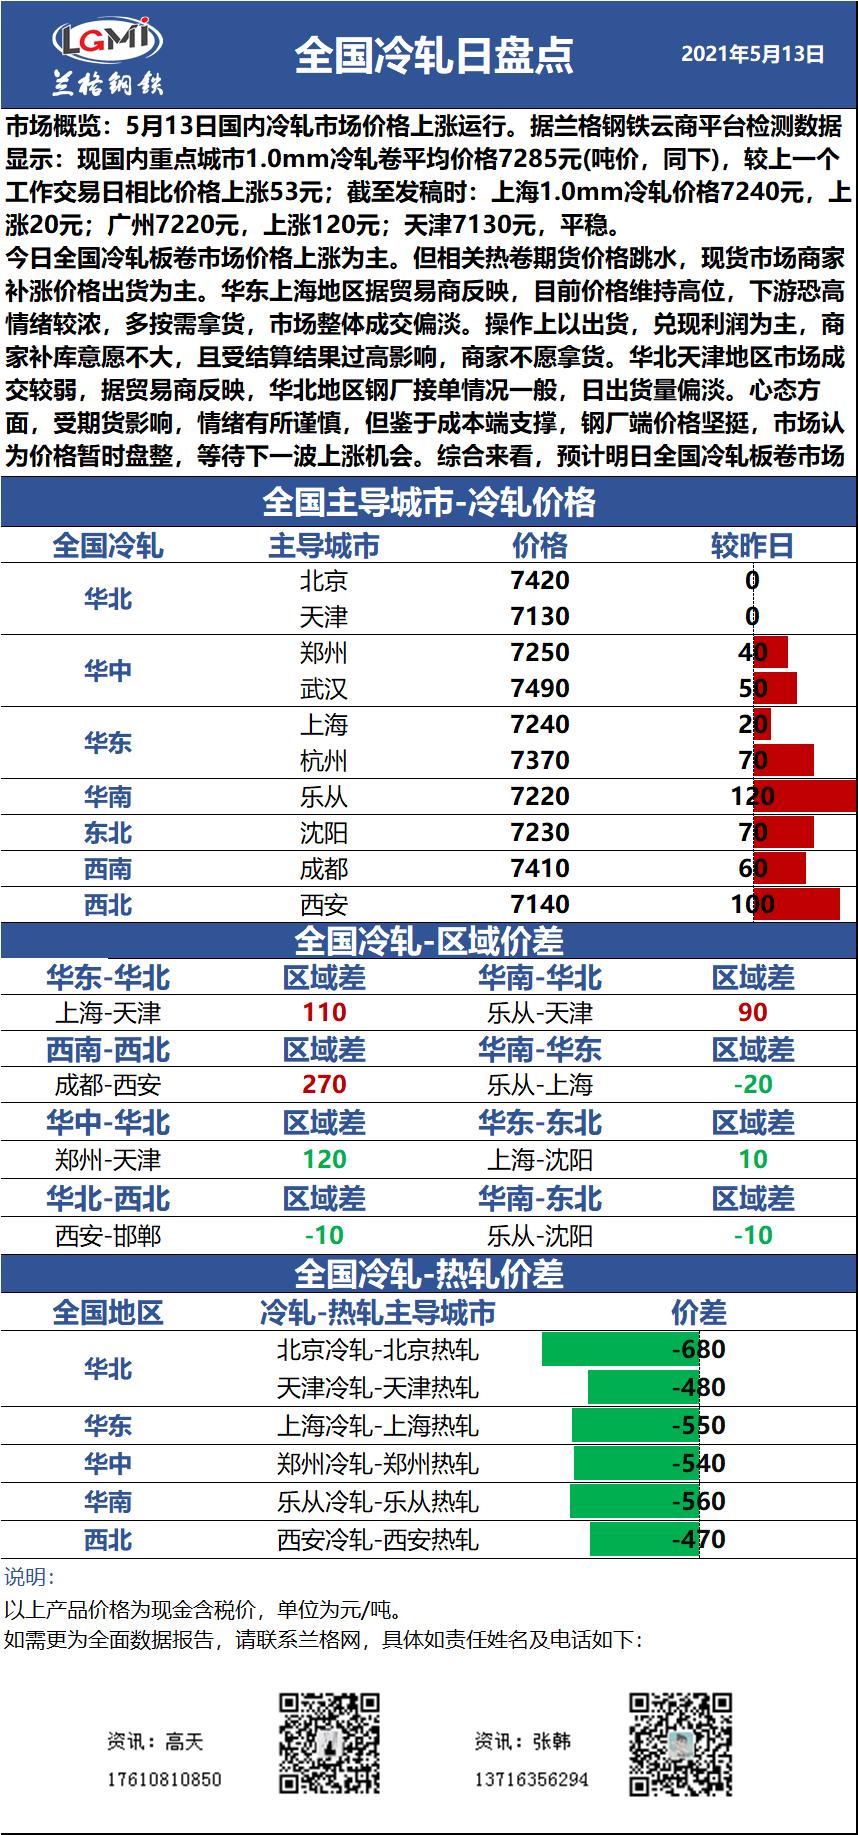 兰格冷轧板卷日盘点(5.13):价格继续上行 市场成交清淡